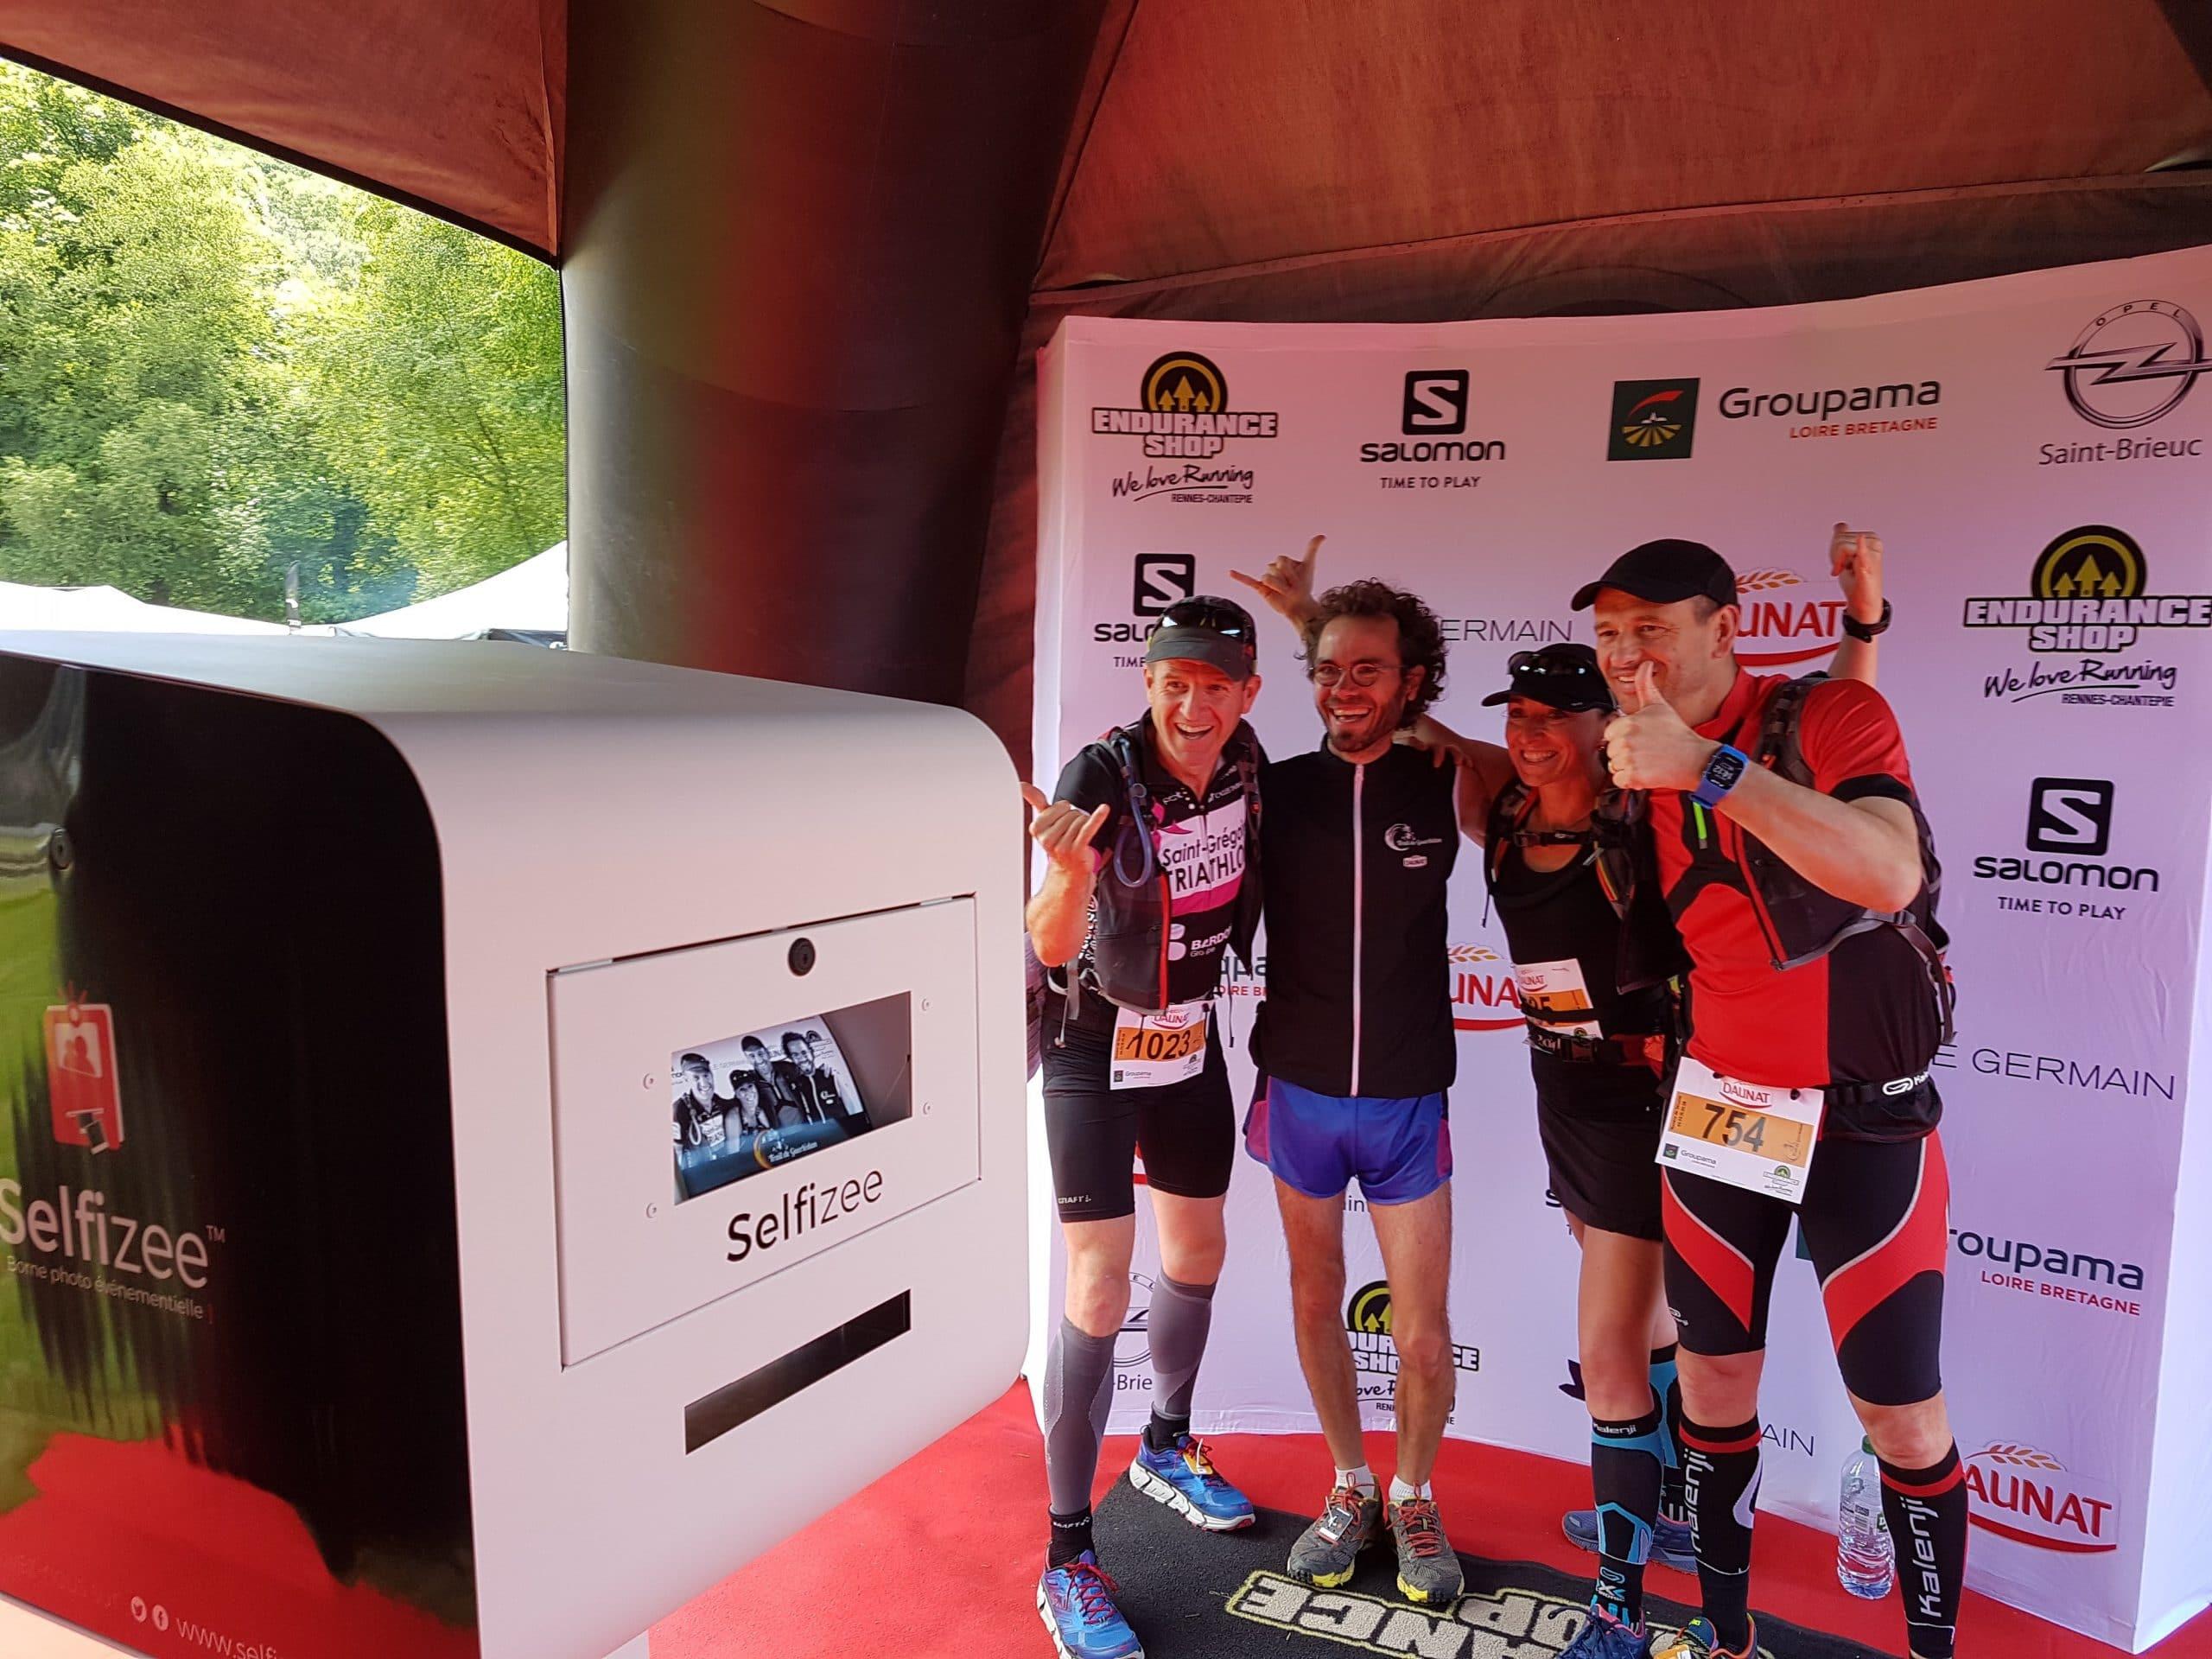 Photocall et photobooth en Côtes d'Armor pour des selfies des participants du trail de Guerlédan juin 2017 Bretagne